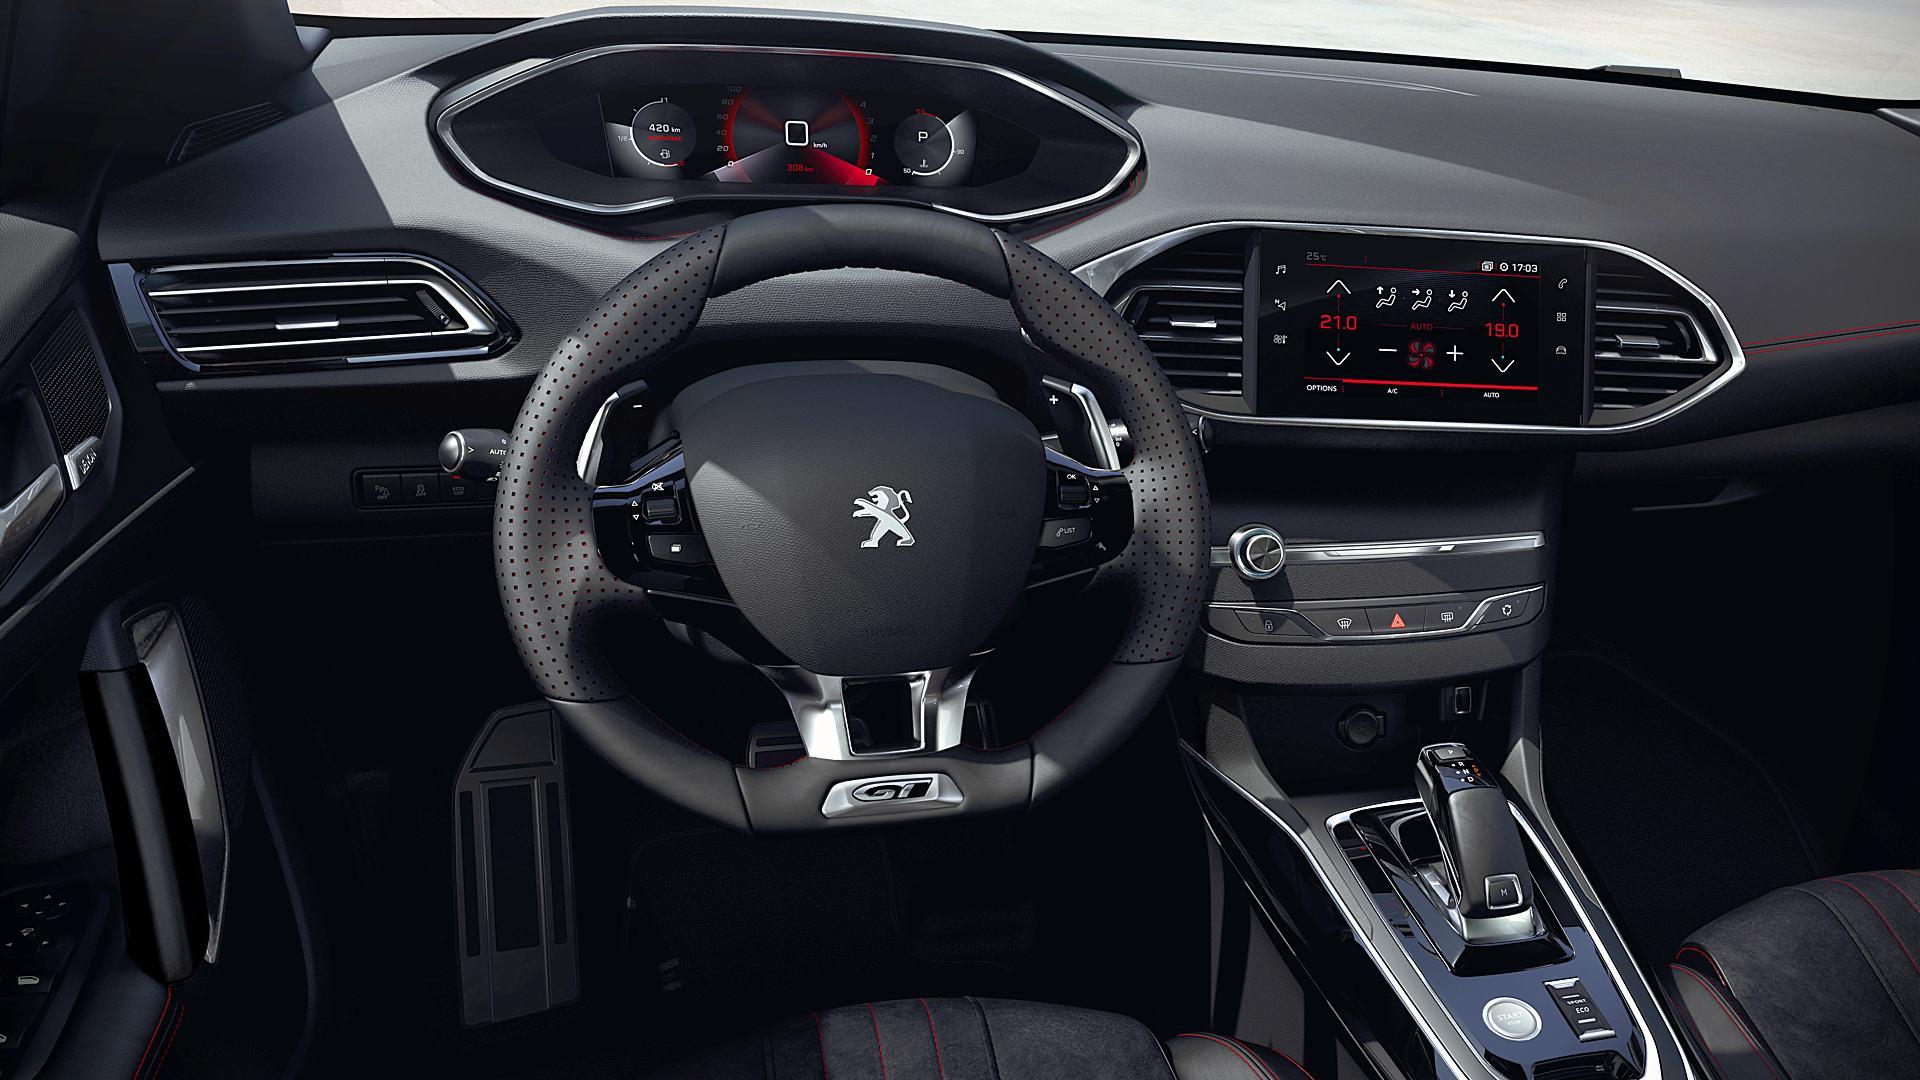 2021 Peugeot 308 Sw Interior